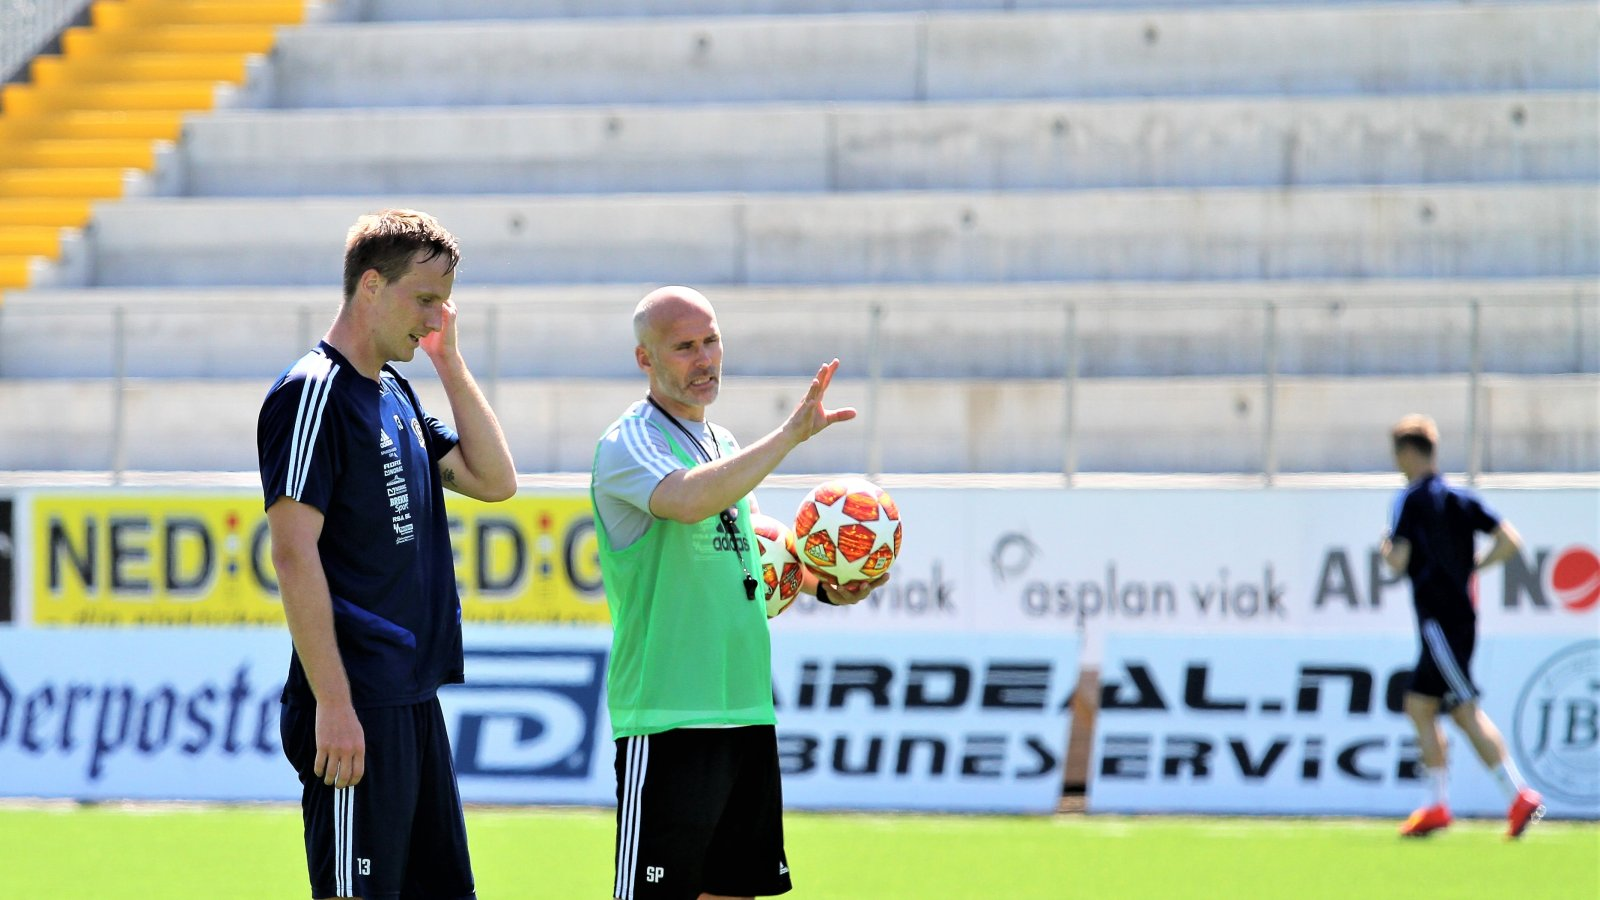 Sune Kiilerich og Steinar Pedersen på trening 27. juni.